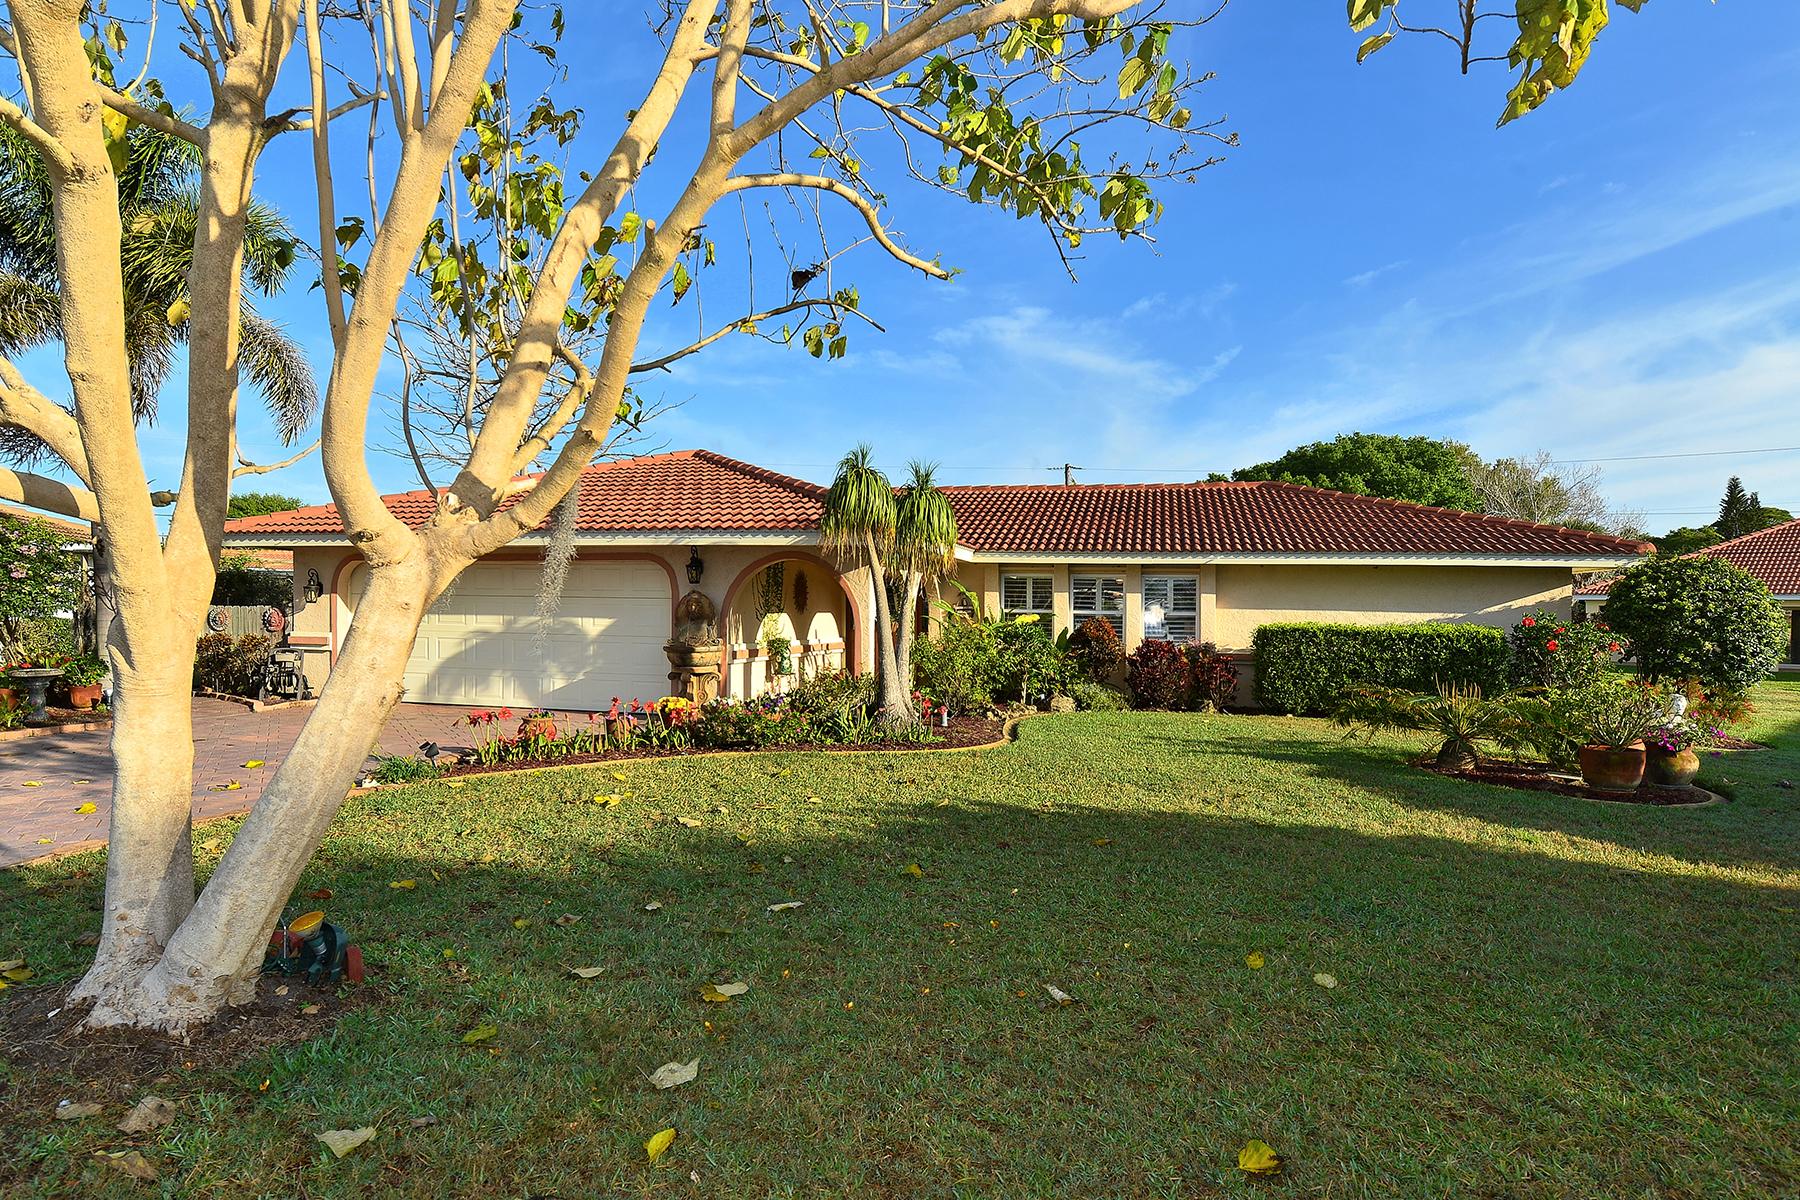 Einfamilienhaus für Verkauf beim SORRENTO EAST 109 Van Dyck Dr Nokomis, Florida 34275 Vereinigte Staaten